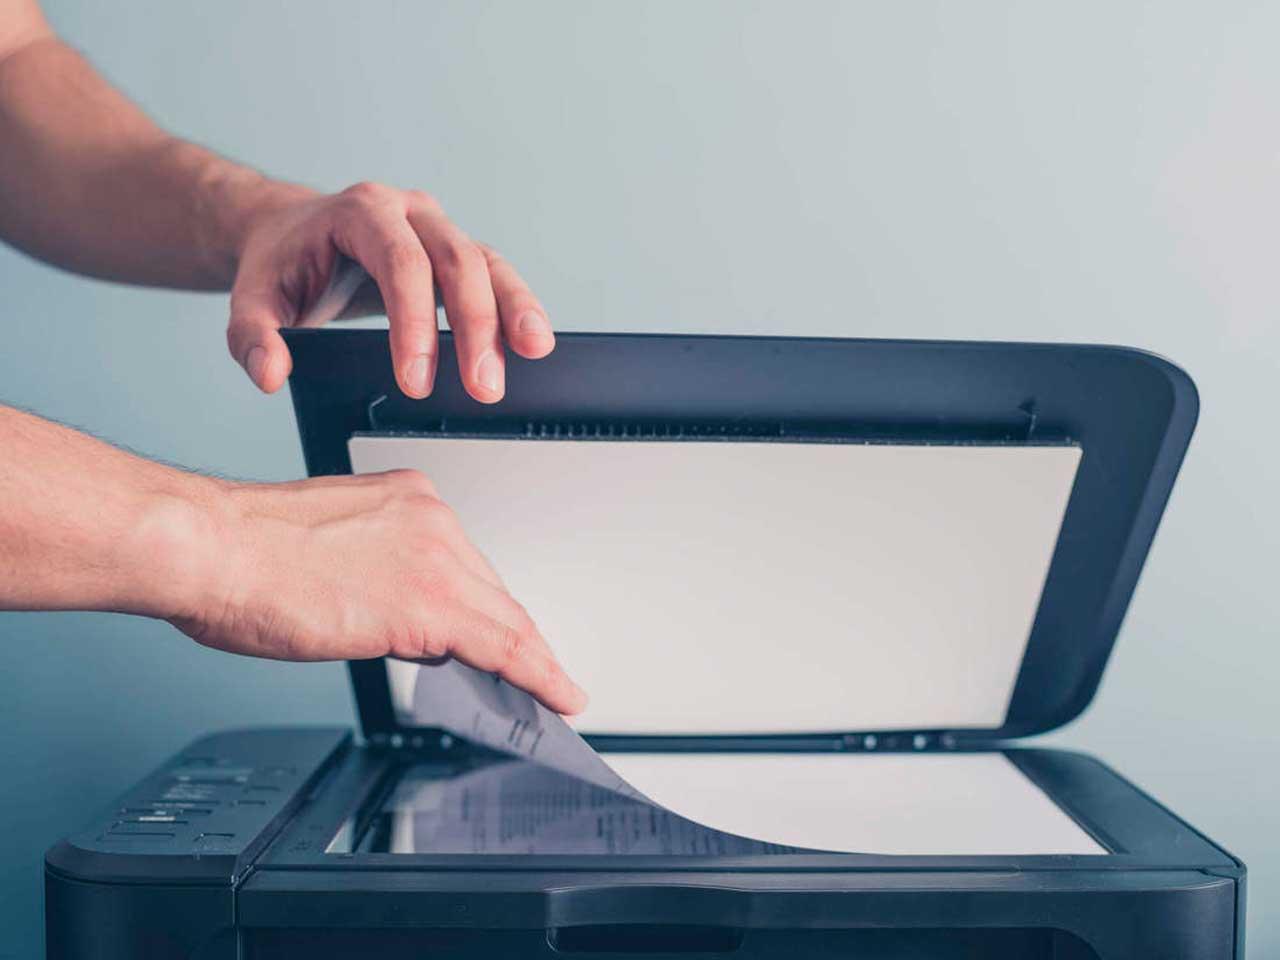 Documento escaneado tem validade jurídica? Entenda aqui!